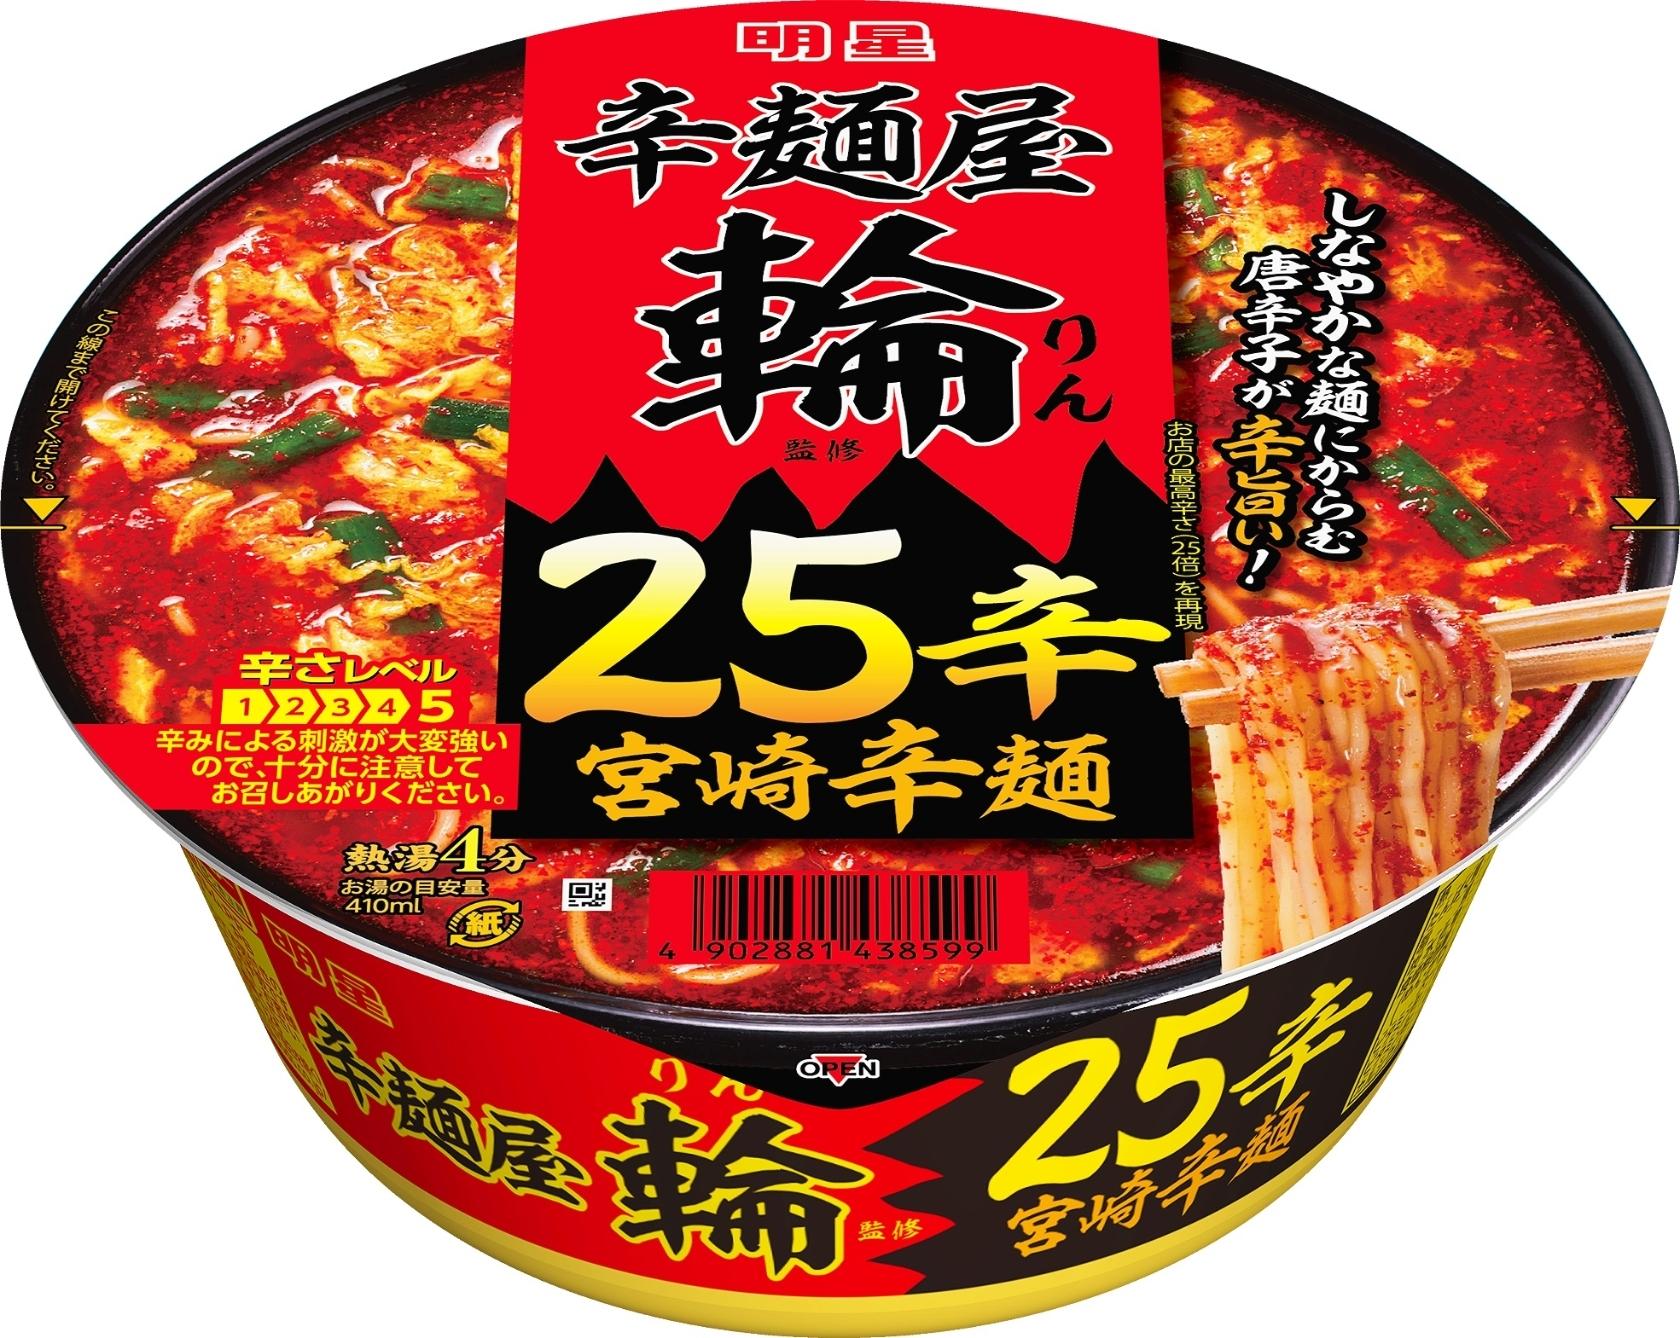 明星食品 辛麺屋輪監修 25辛宮崎辛麺 カップ107g